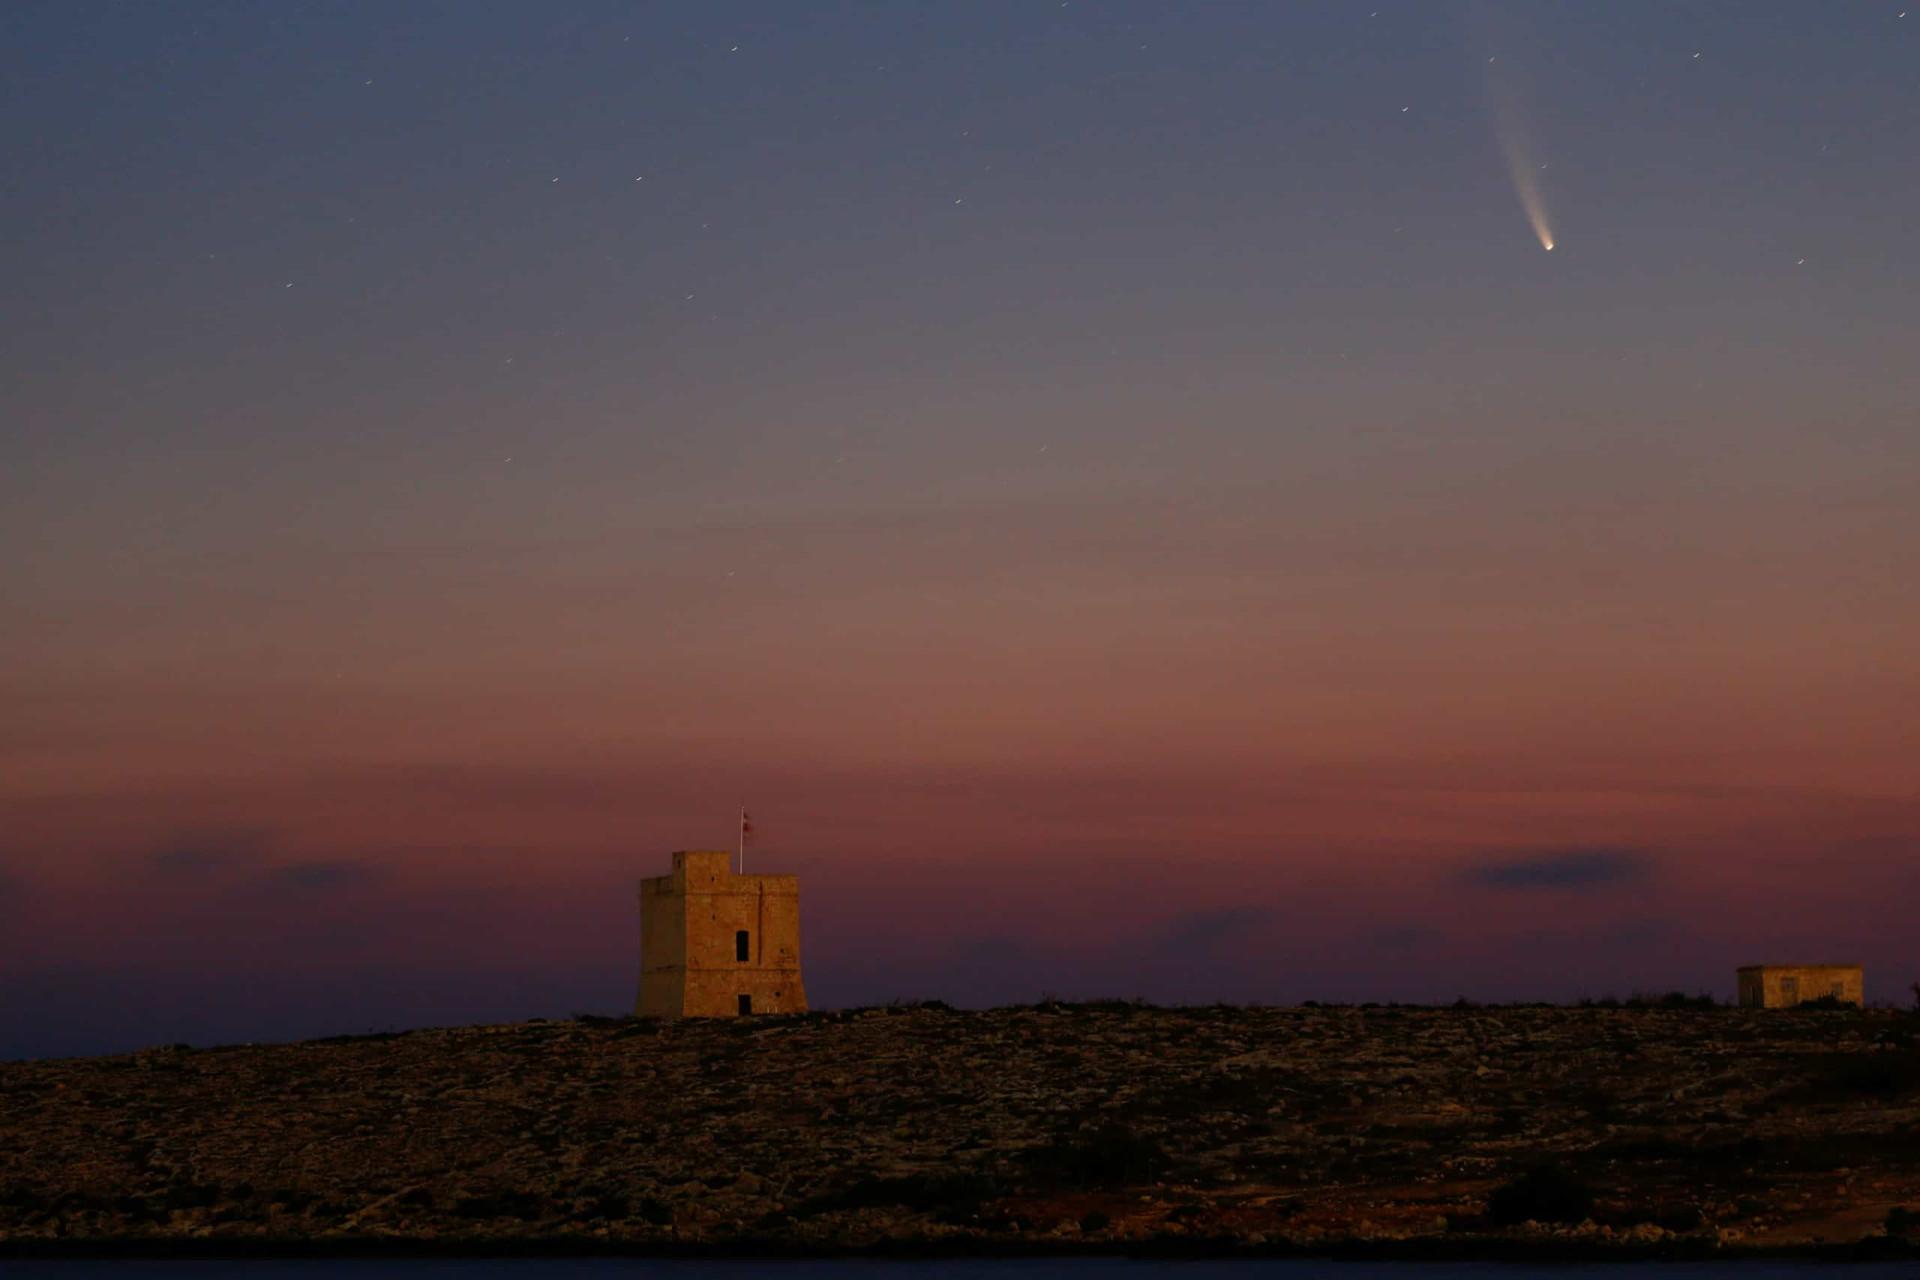 Cometa passa hoje pela Terra e já há imagens para admirar